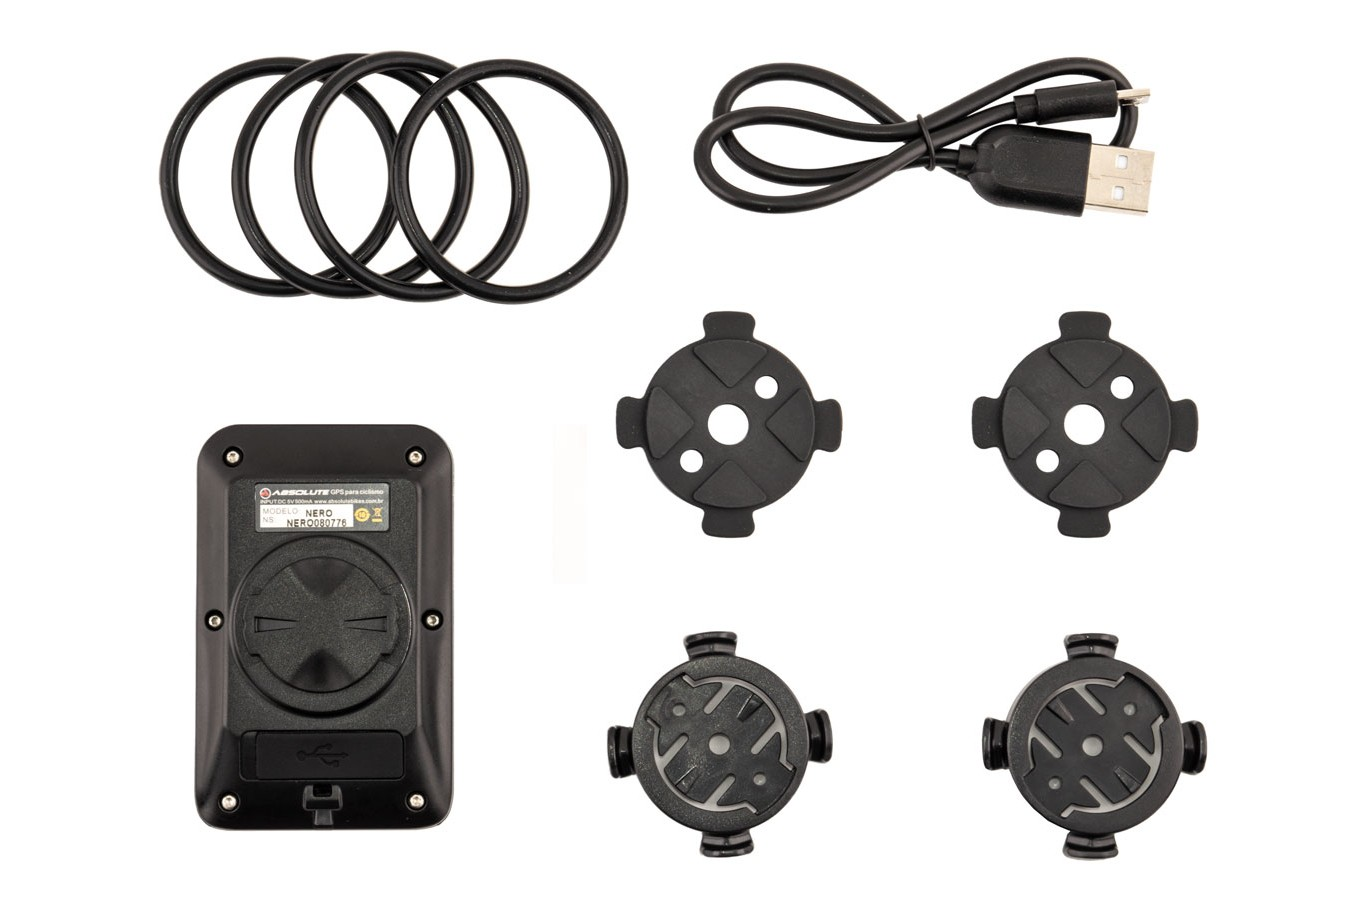 Ciclocomputador com GPS IPX7 7 funções - Absolute